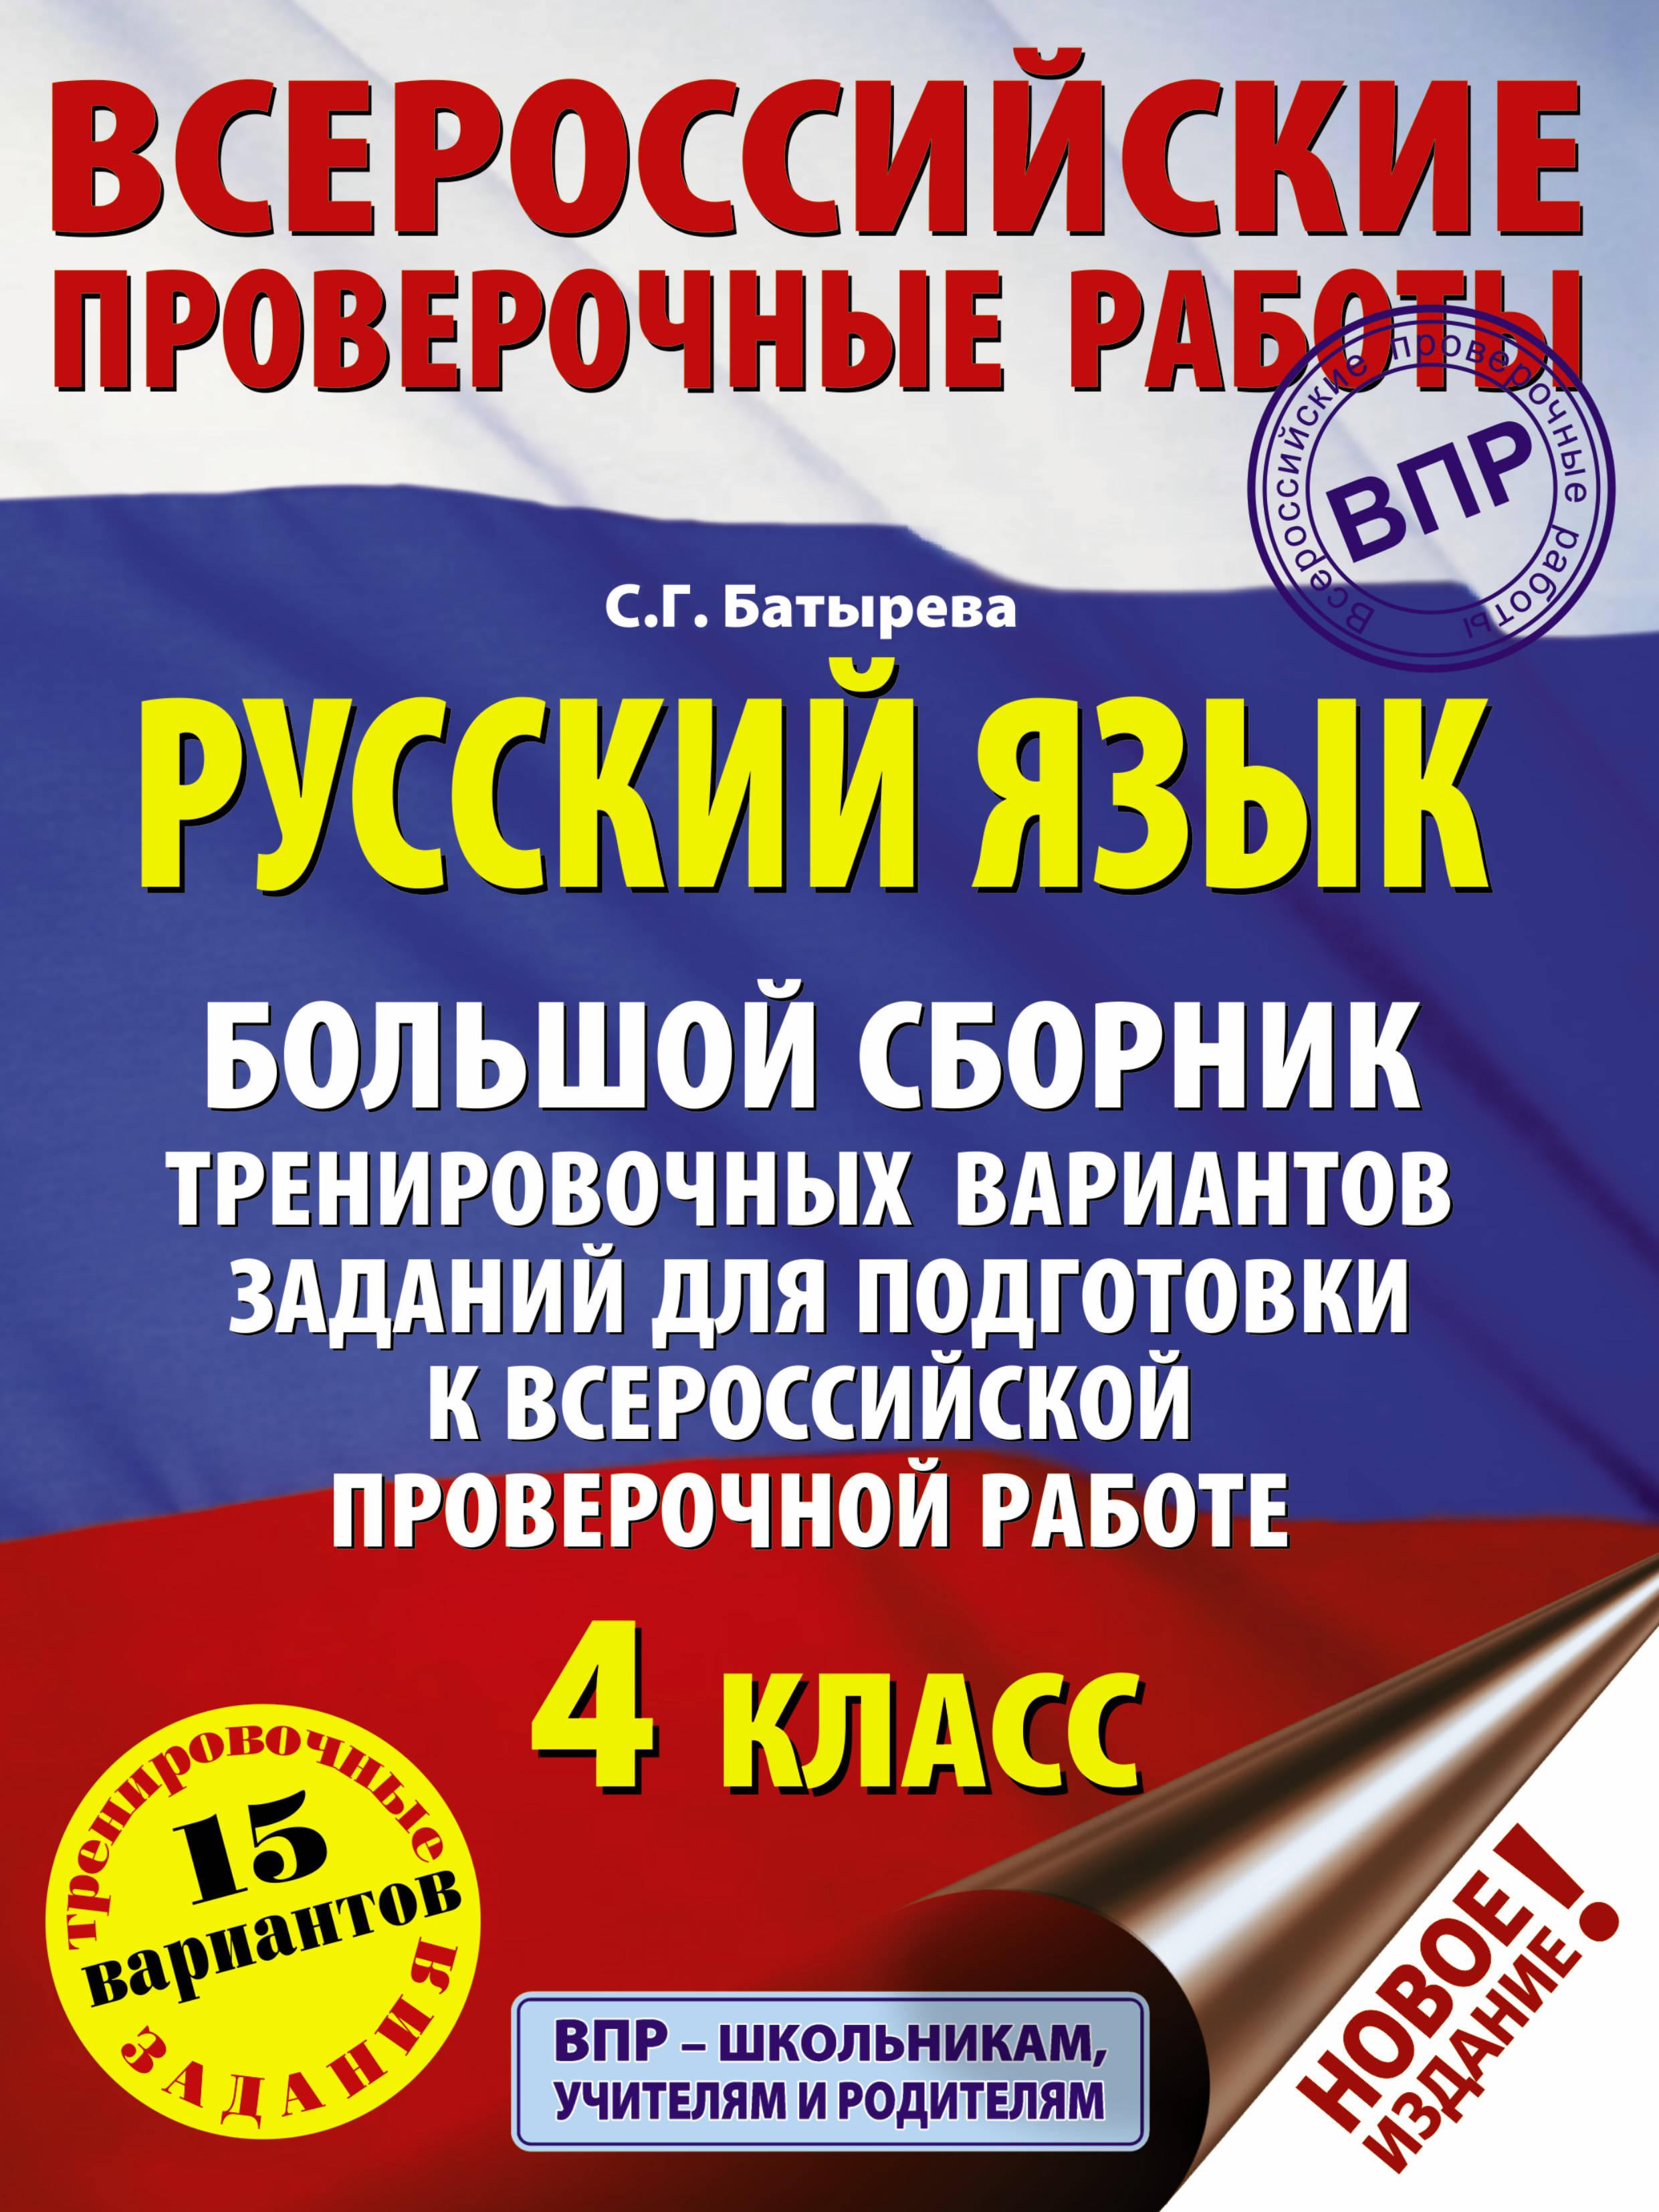 Russkij jazyk. Bolshoj sbornik trenirovochnykh variantov zadanij dlja podgotovki k VPR. 4 klass. 15 variantov